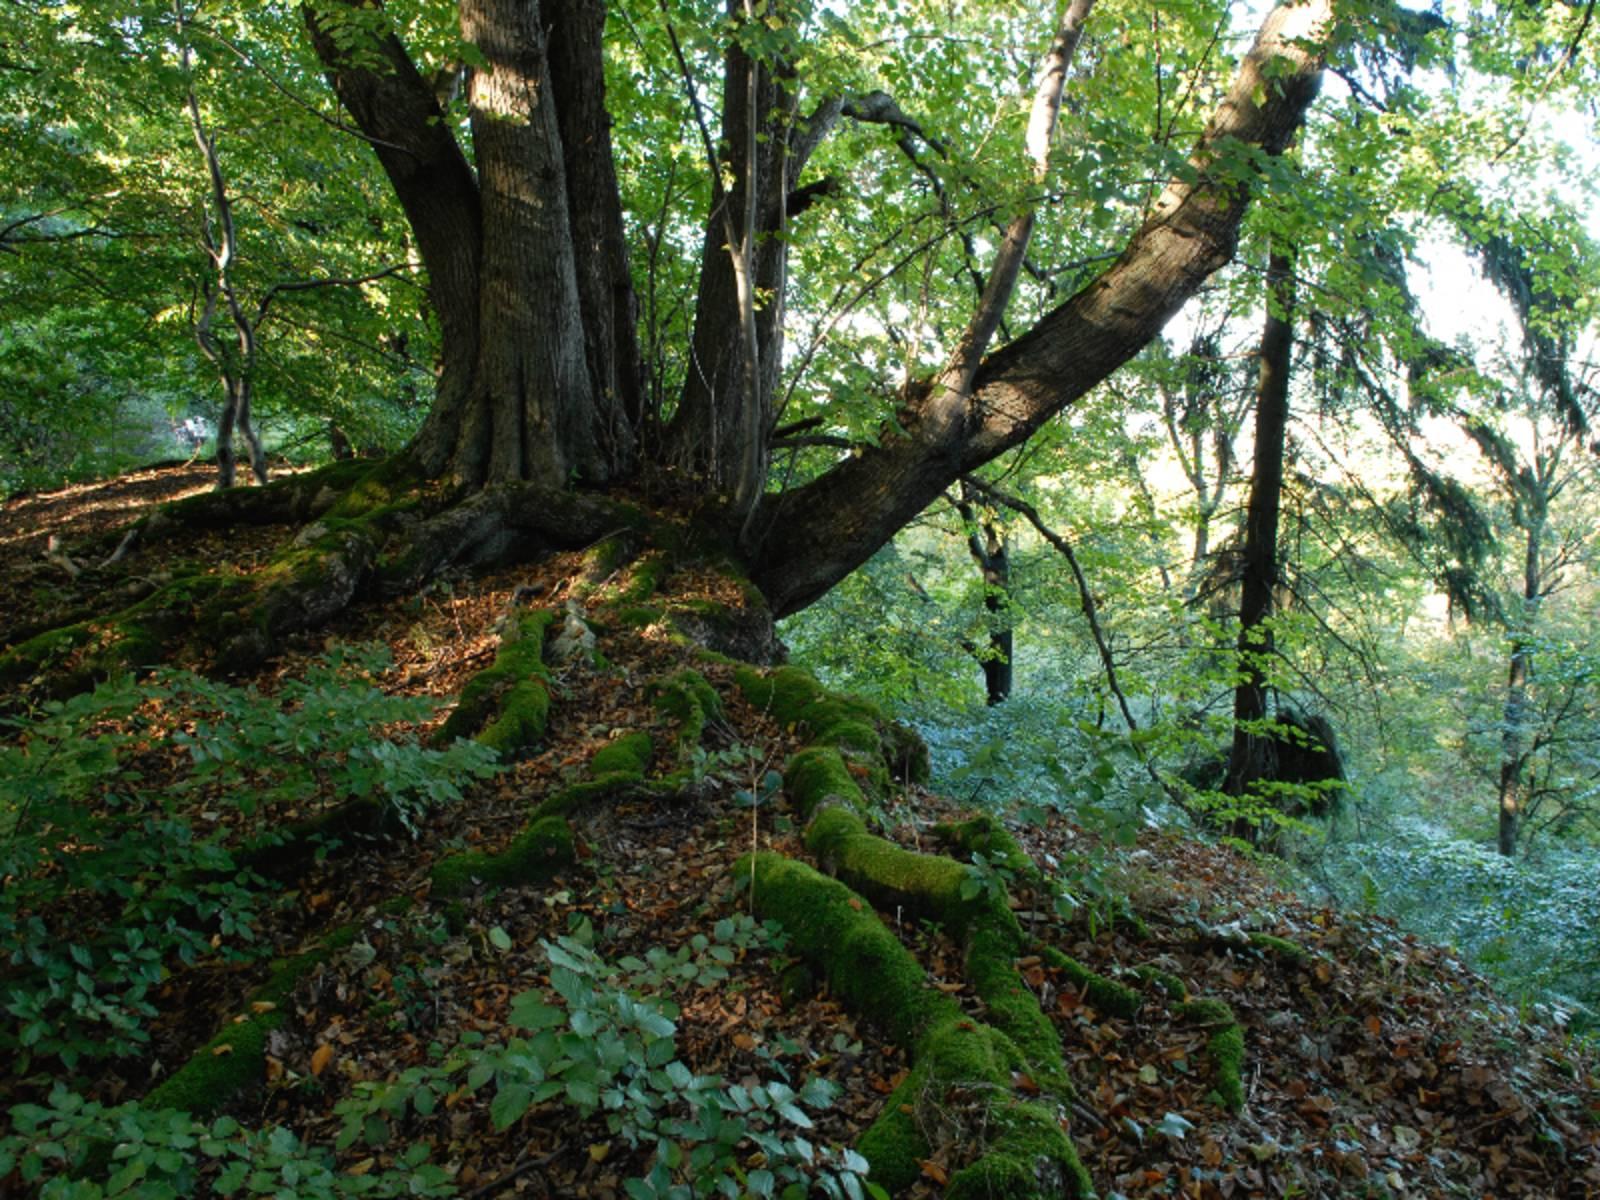 Der Baum hat mehrere Stämme ausgebildet und wächst auf einem kleinen Hügel. Auf dem Waldboden liegt altes Laub.